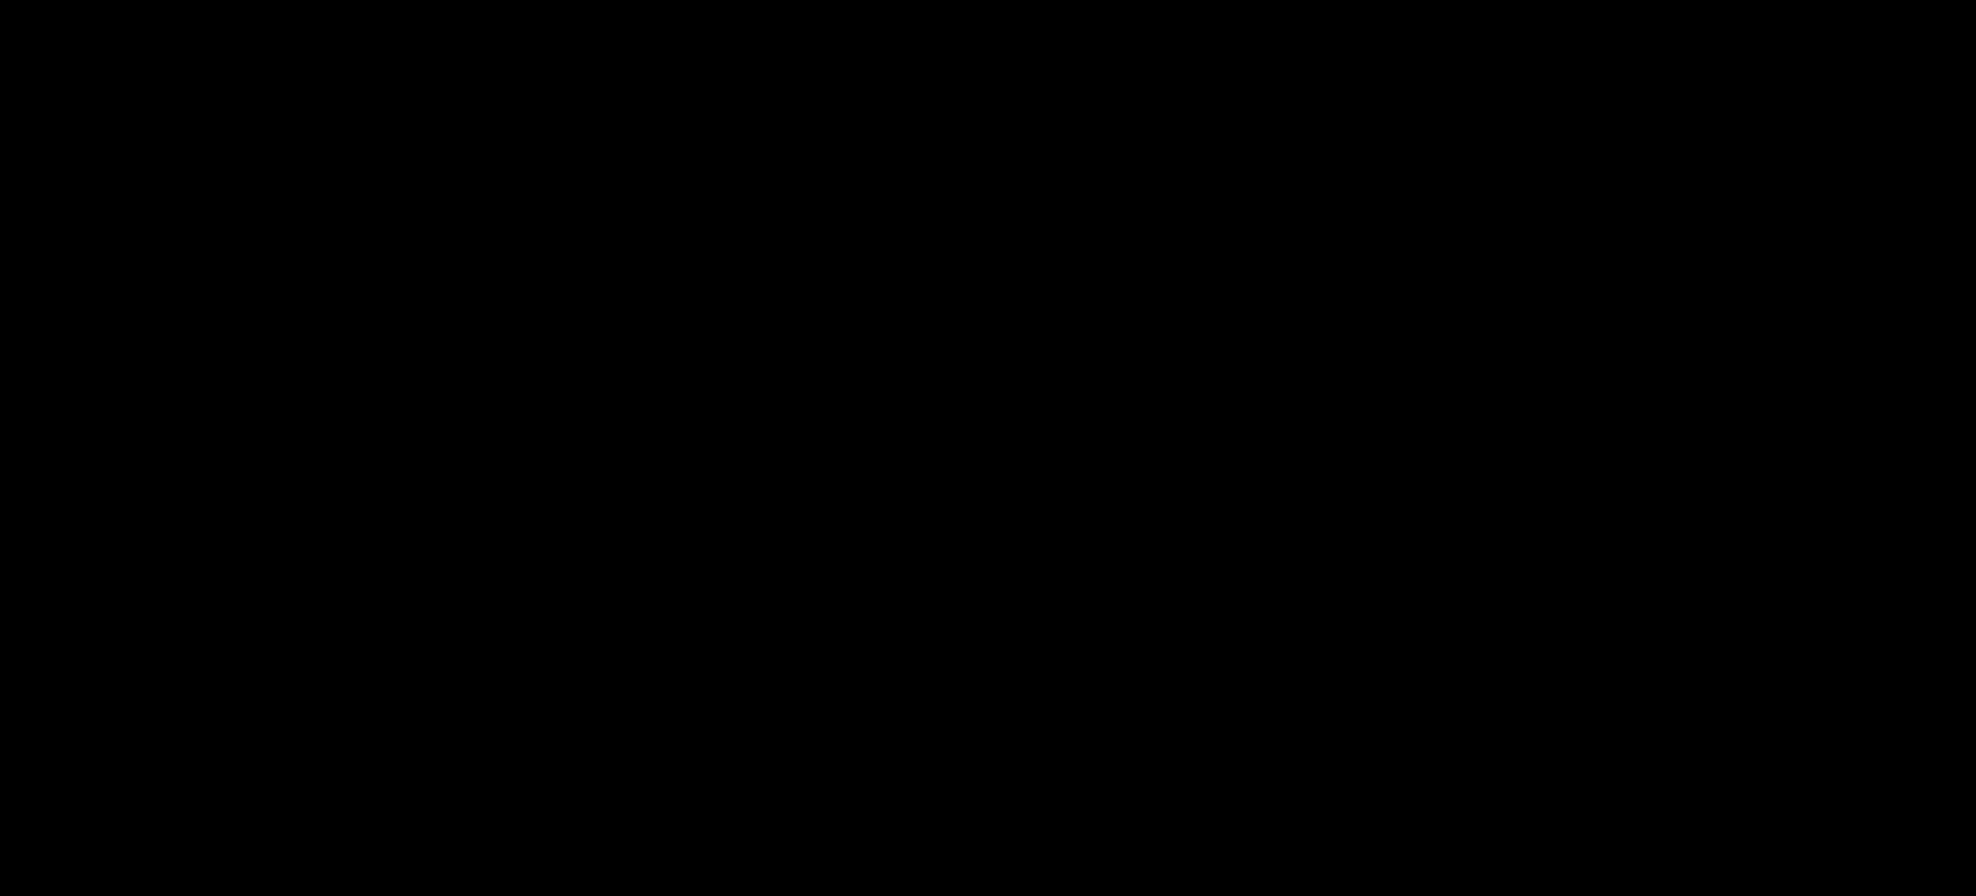 Diethyl 2,2